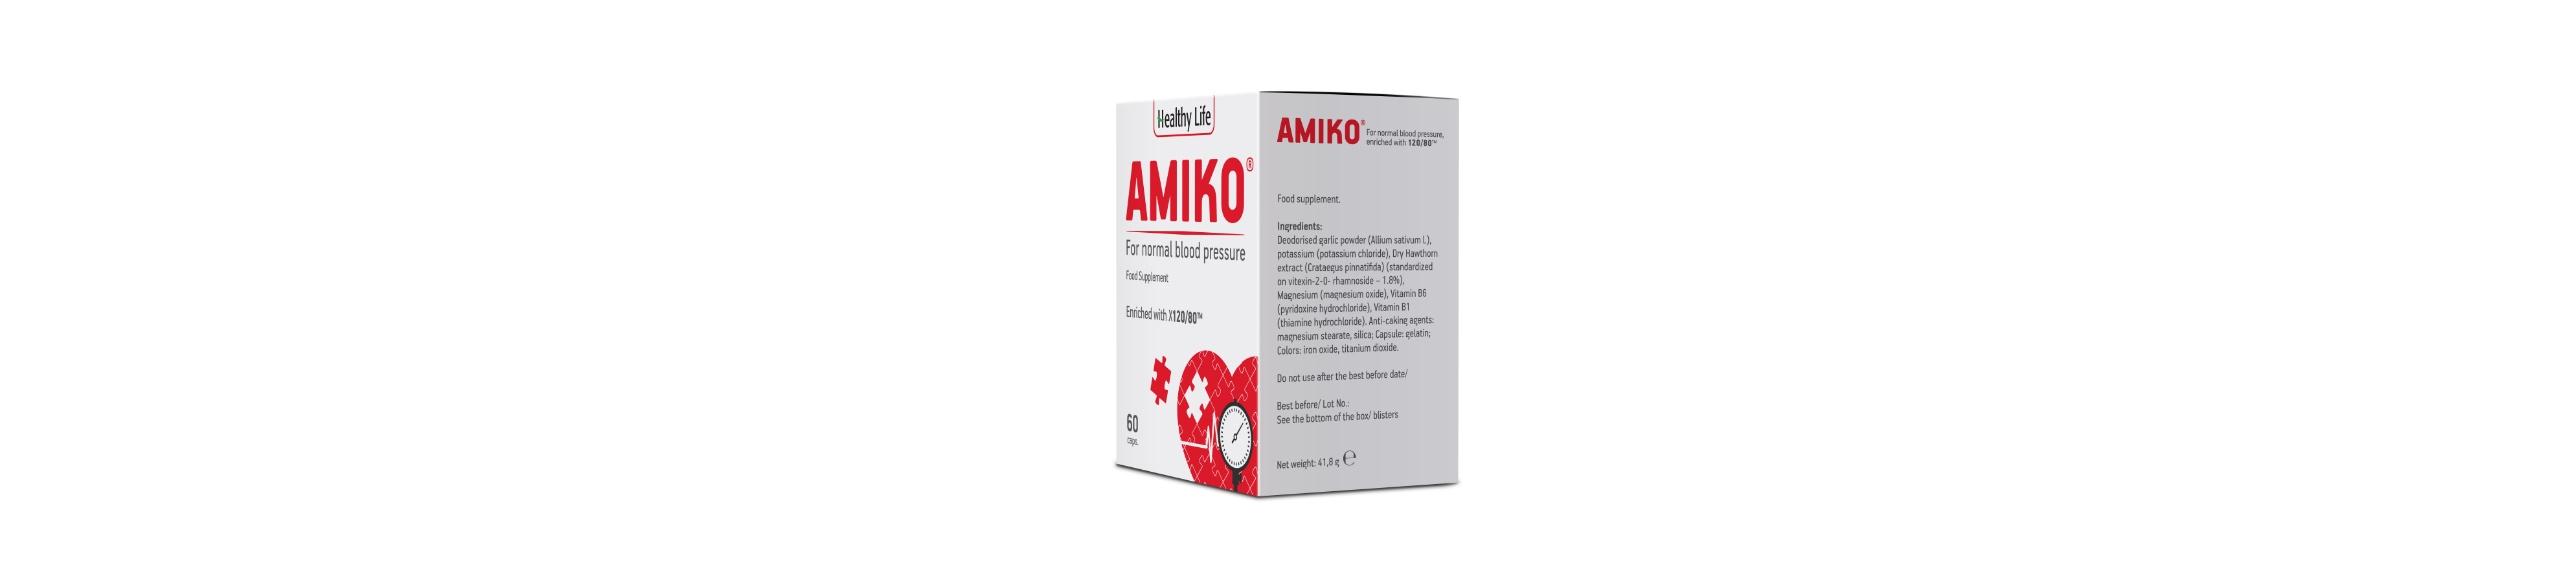 P3-Slider-img-Amiko2